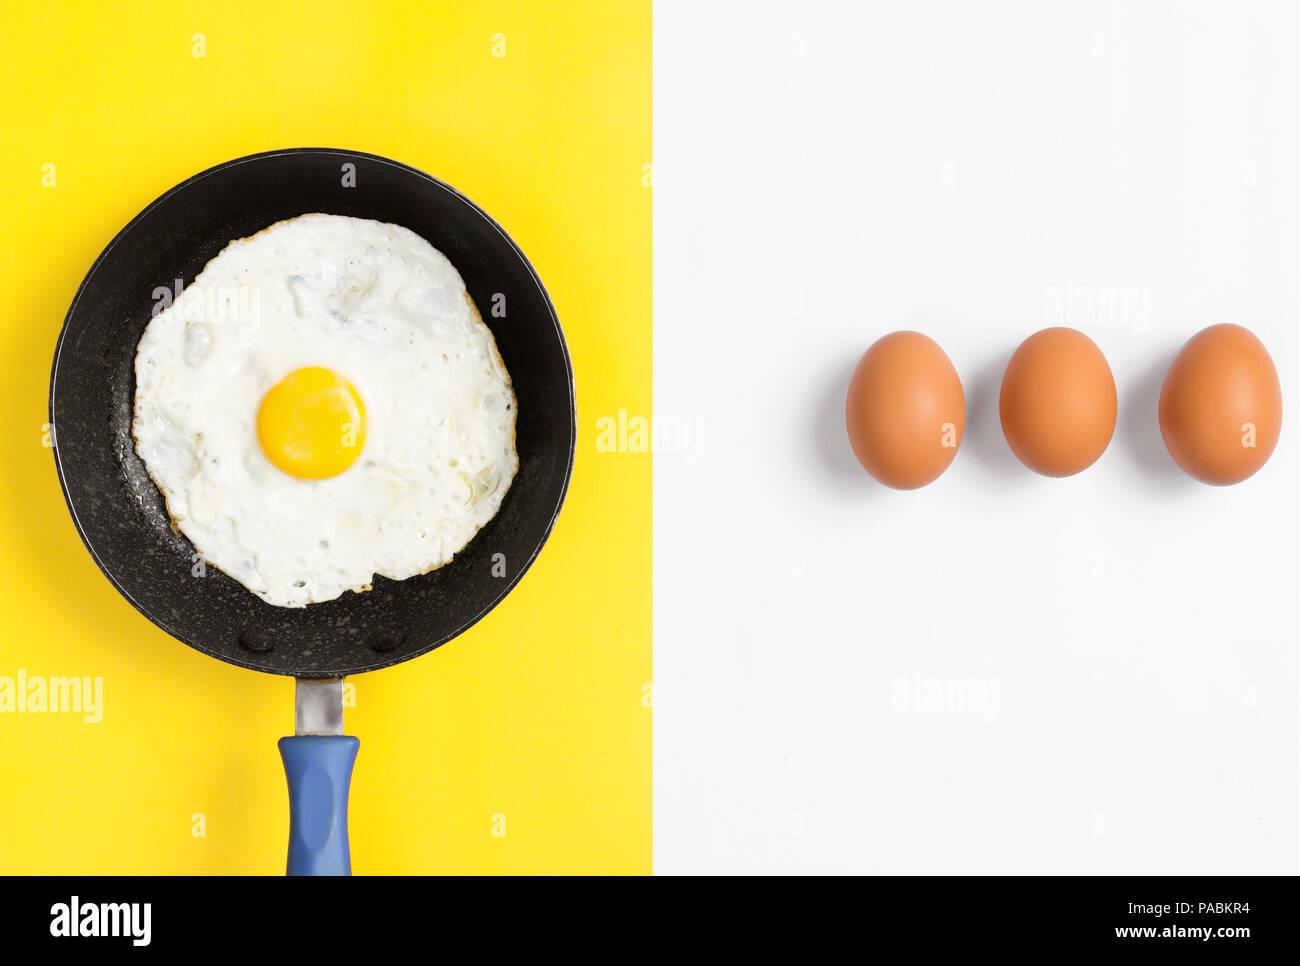 Split color plano imagen laicos con huevo cocido en una sartén los huevos crudos y alineadas. Imagen De Stock